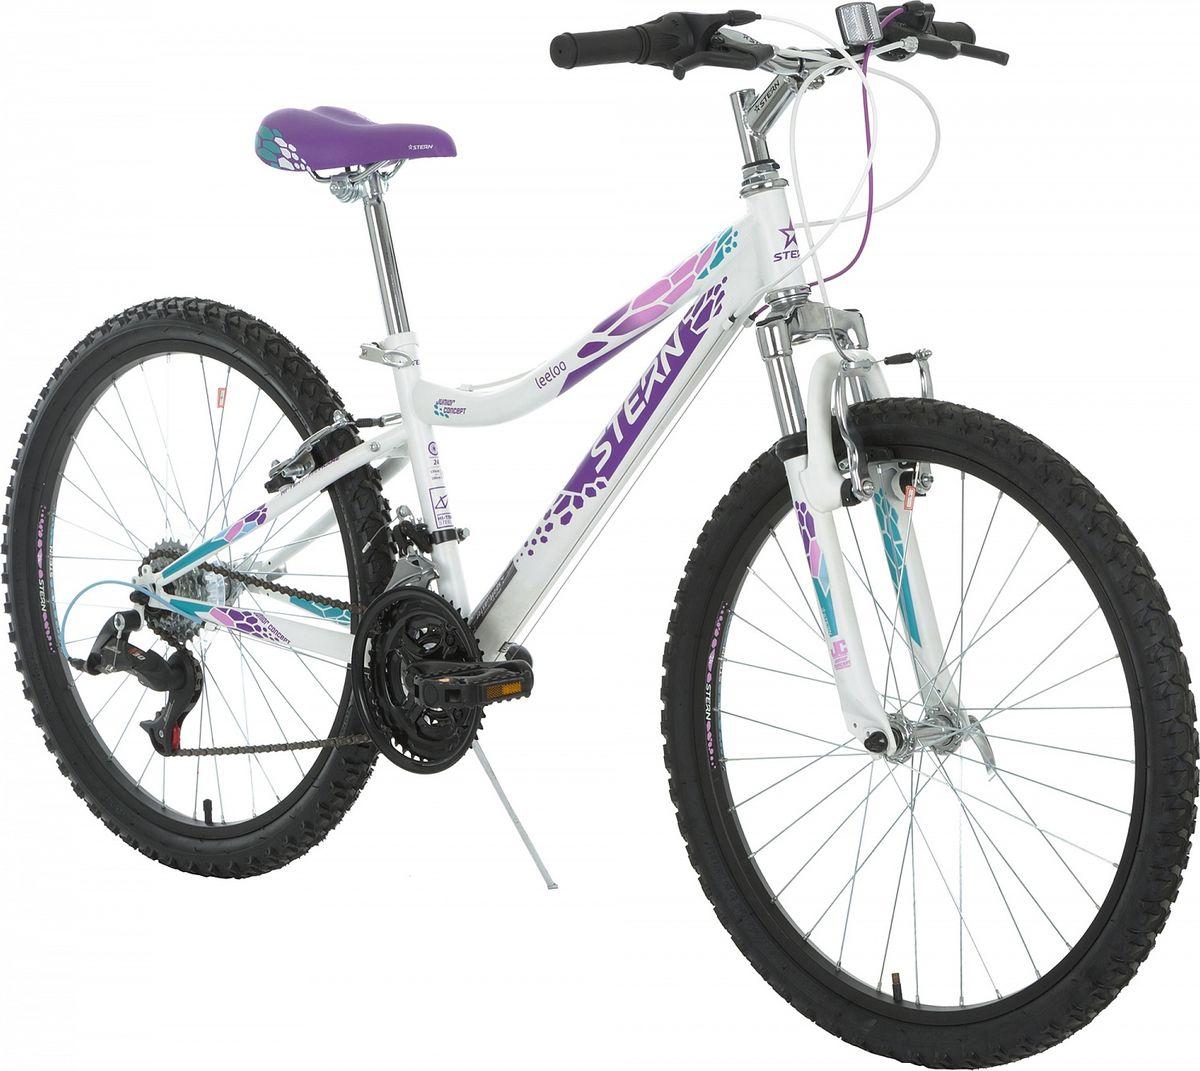 """Горный велосипед Leeloo 24 разработан специально для девочек 6-9 лет. 6 скоростей позволяют выбирать оптимальную нагрузку. Амортизационная вилка с ходом 30 мм для комфортного передвижения как по ровной дороге, так и по пересеченной местности. В комплект входит подножка для удобной """"парковки"""". В модели использована надежная стальная рама Hi-TEN STEEL. Ободные тормоза сделают катание безопаснее. Предусмотрена удобная регулировка седла под рост ребенка."""